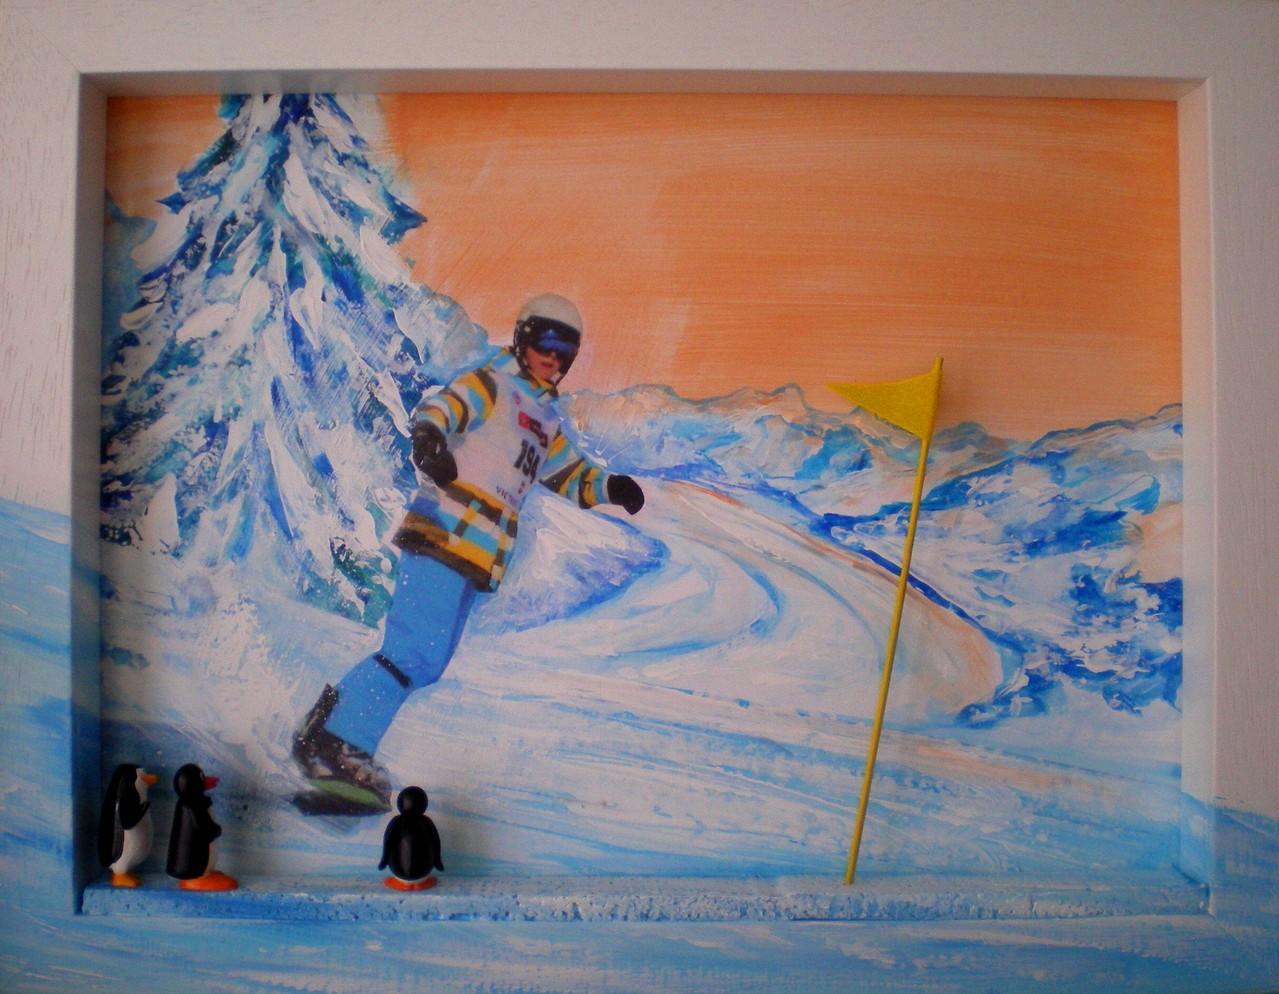 35 x 45, Acryl auf Karton, Mischtechnik mit Collage, Rahmen in Relief, geklebte Pinguinen